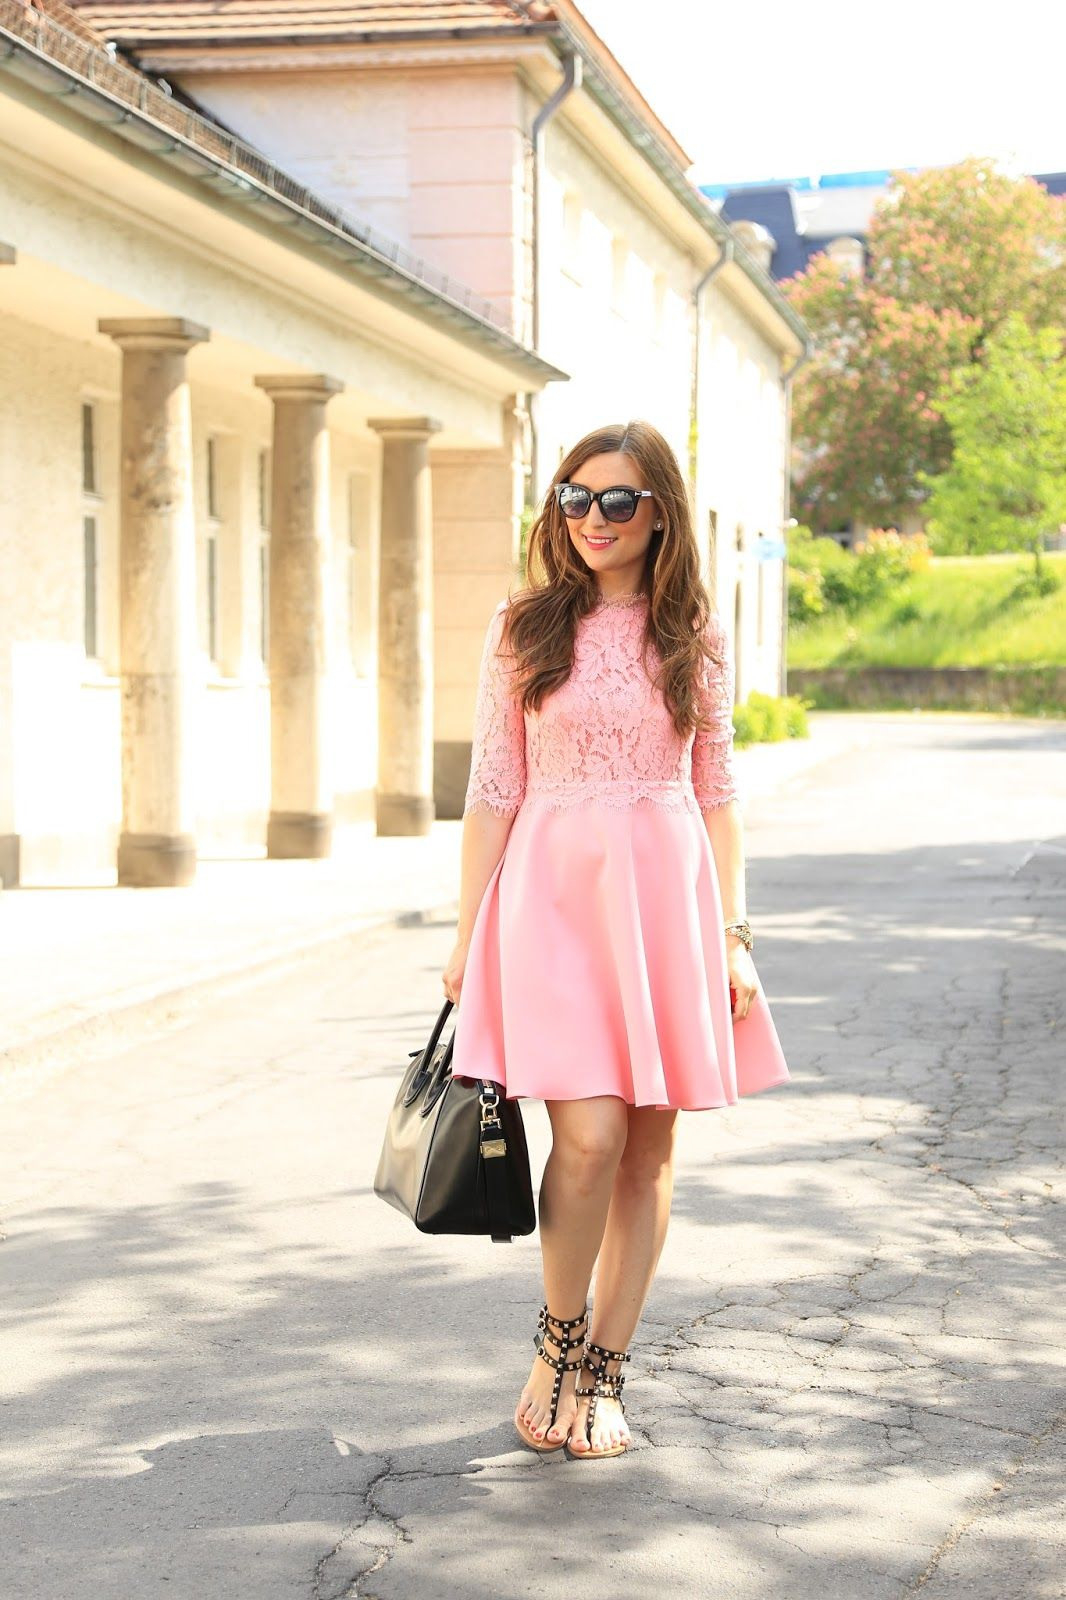 20 Genial Rosa Kleid Mit Ärmeln Spezialgebiet20 Cool Rosa Kleid Mit Ärmeln Stylish